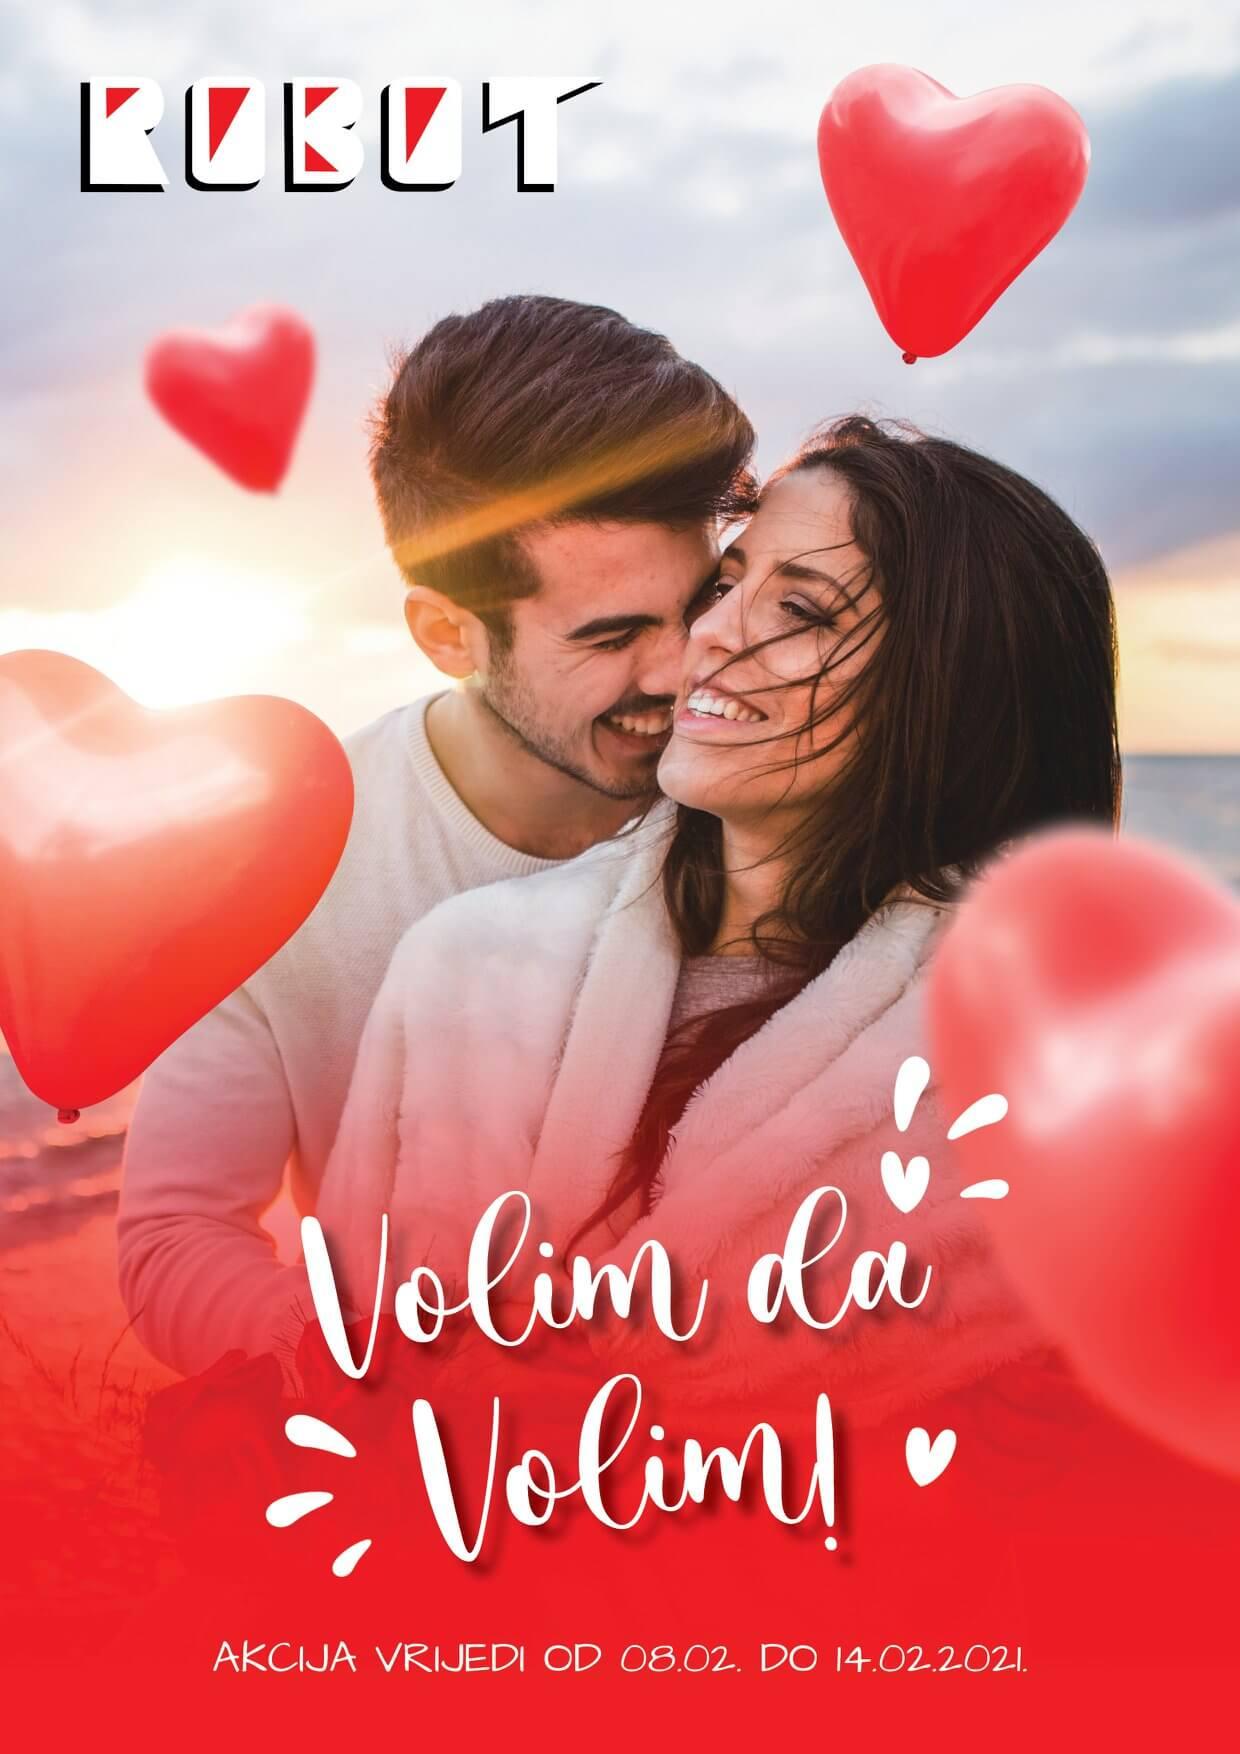 ROBOT Katalog Valentinovo FEBRUAR 2021 08.02.2021. 14.02.2021. 1